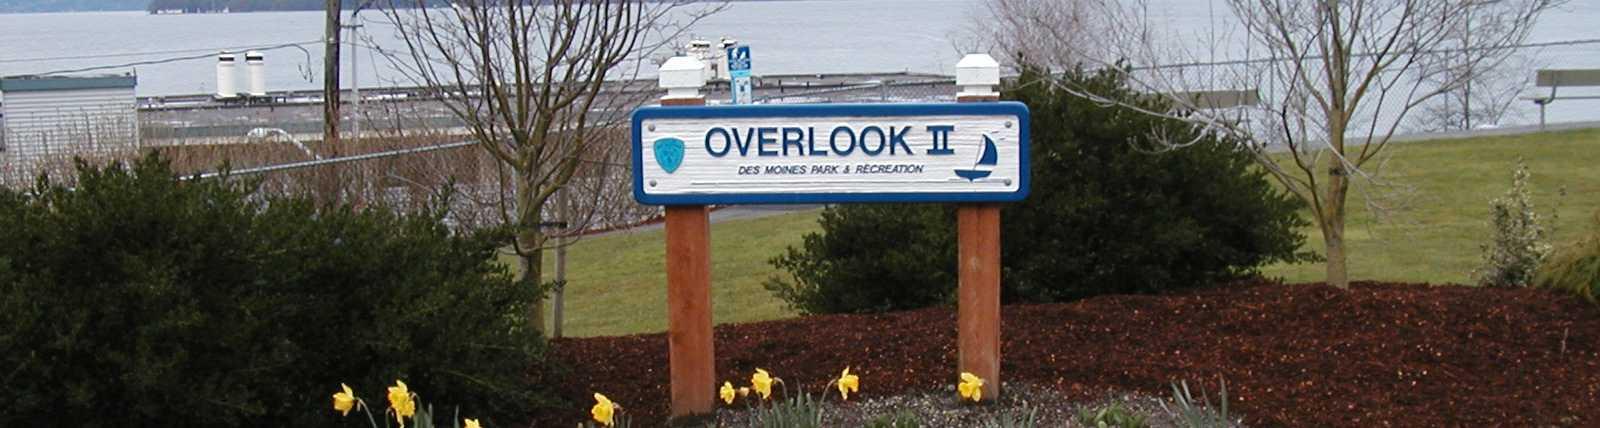 Overlook 2